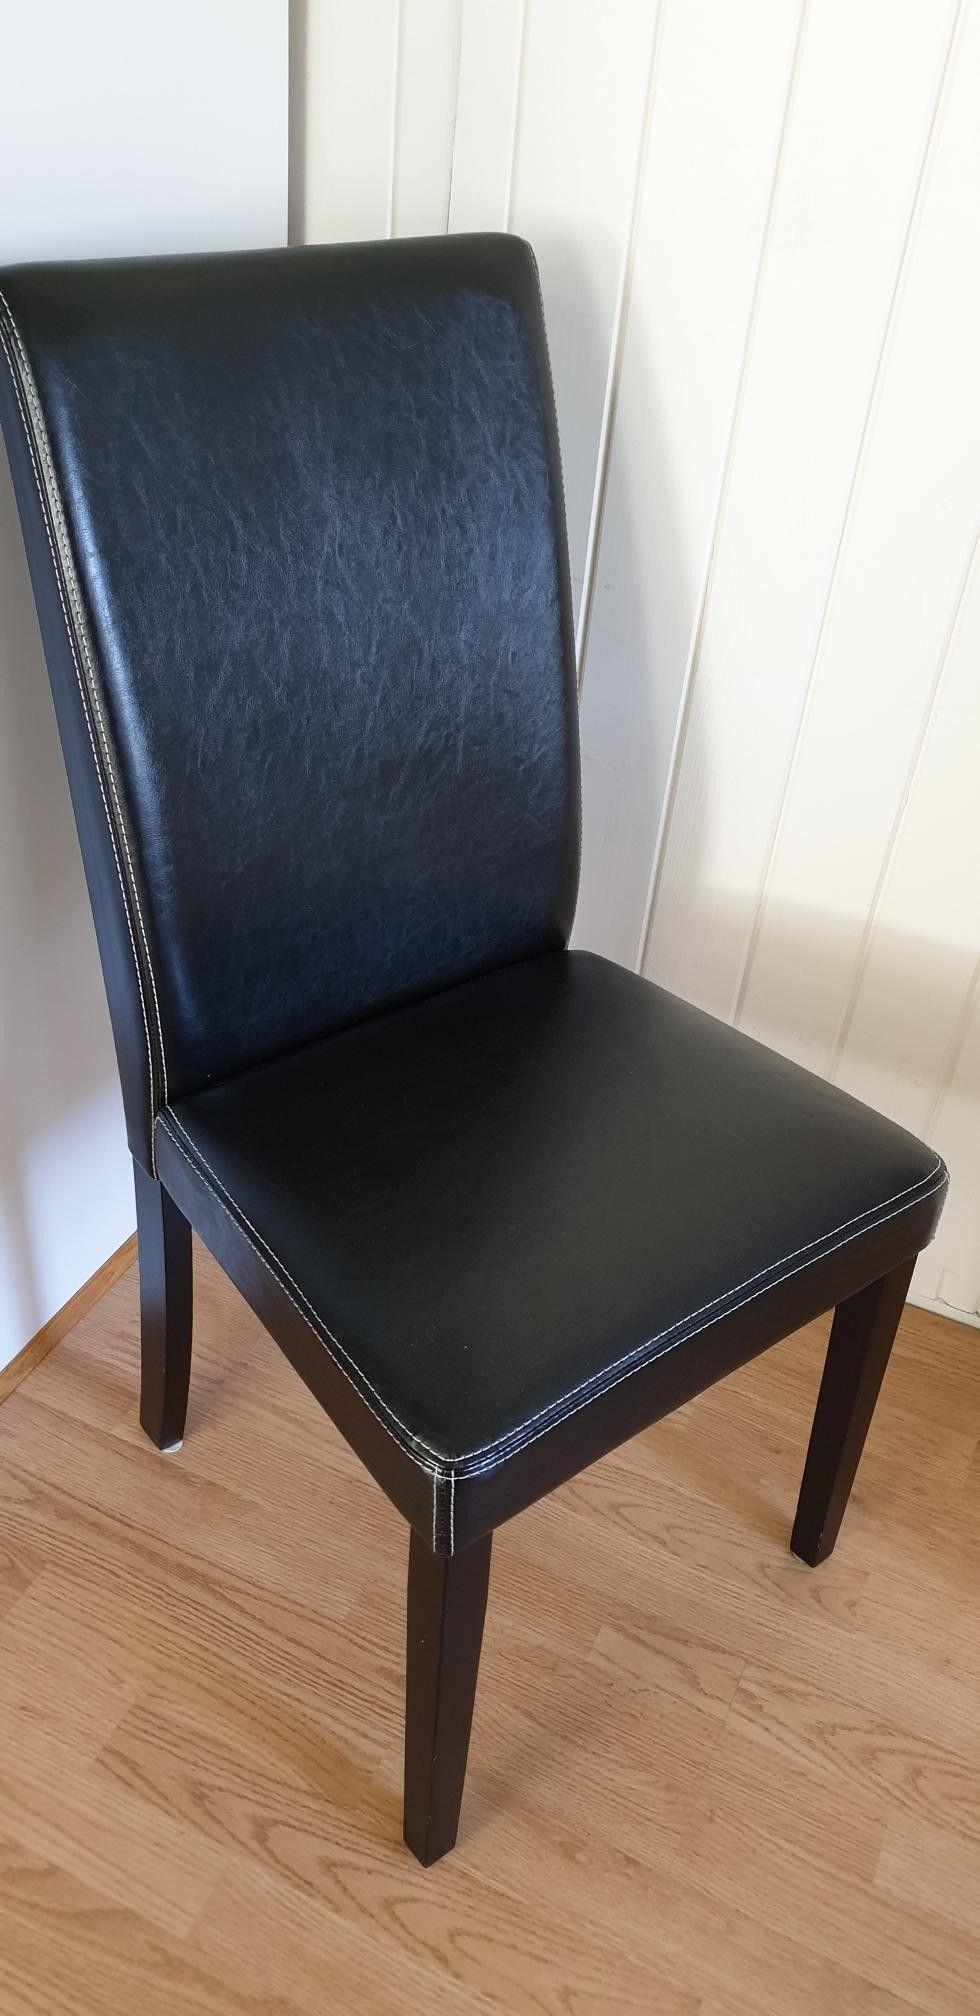 2 stk. fine stoler for 200 kr | FINN.no